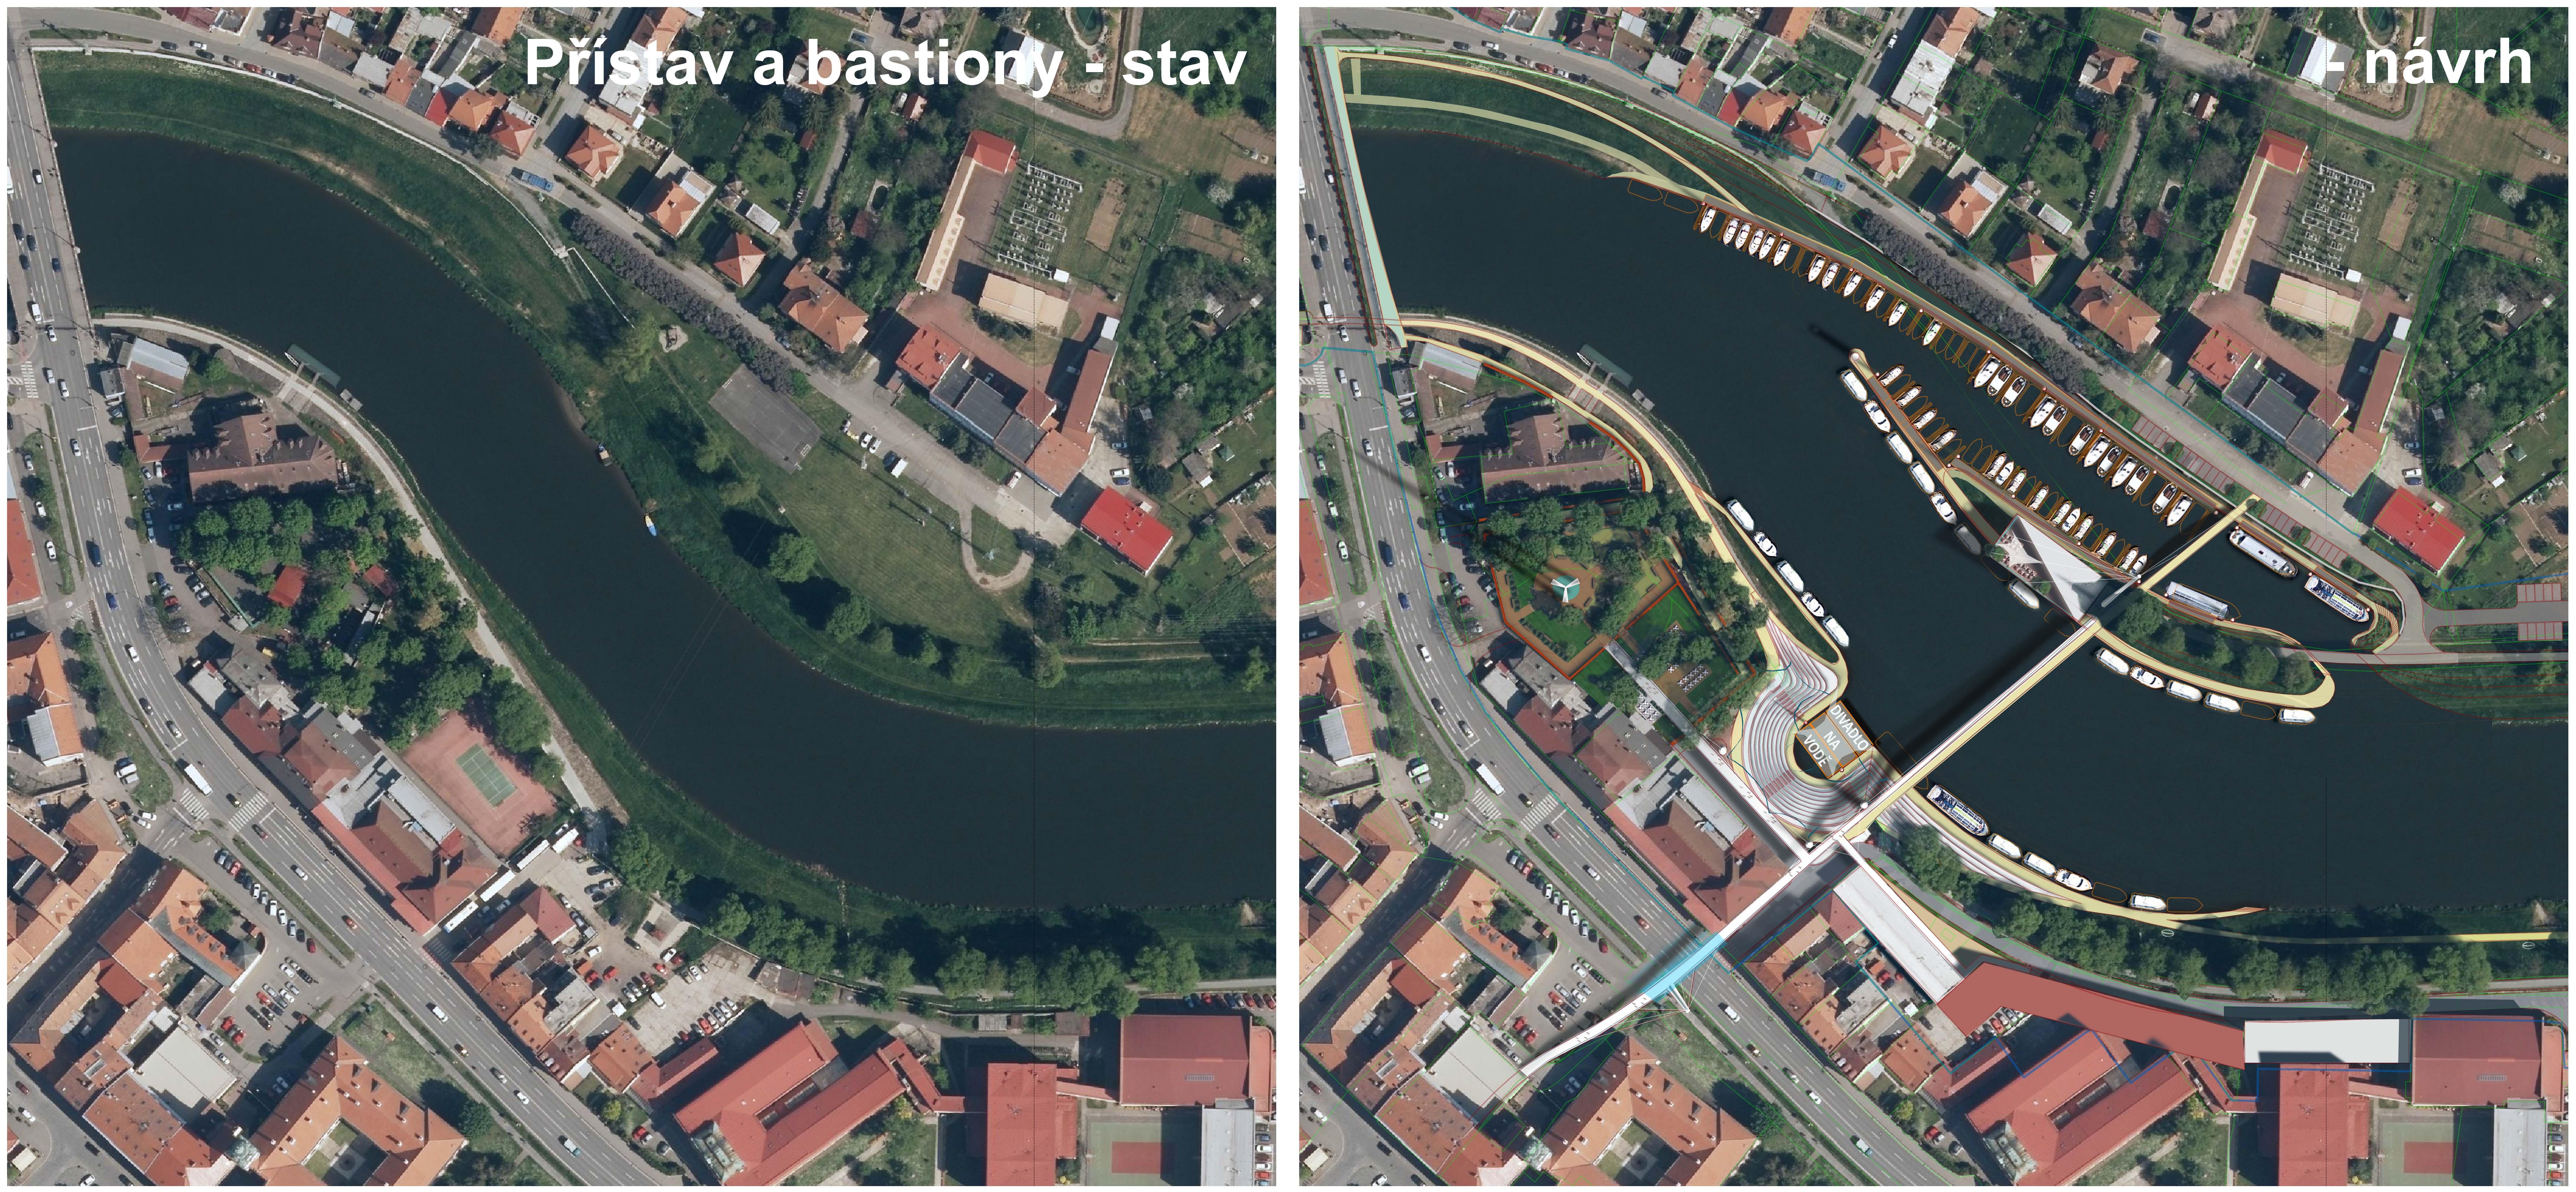 Přístav Uherské Hradiště a bastiony - celková situace